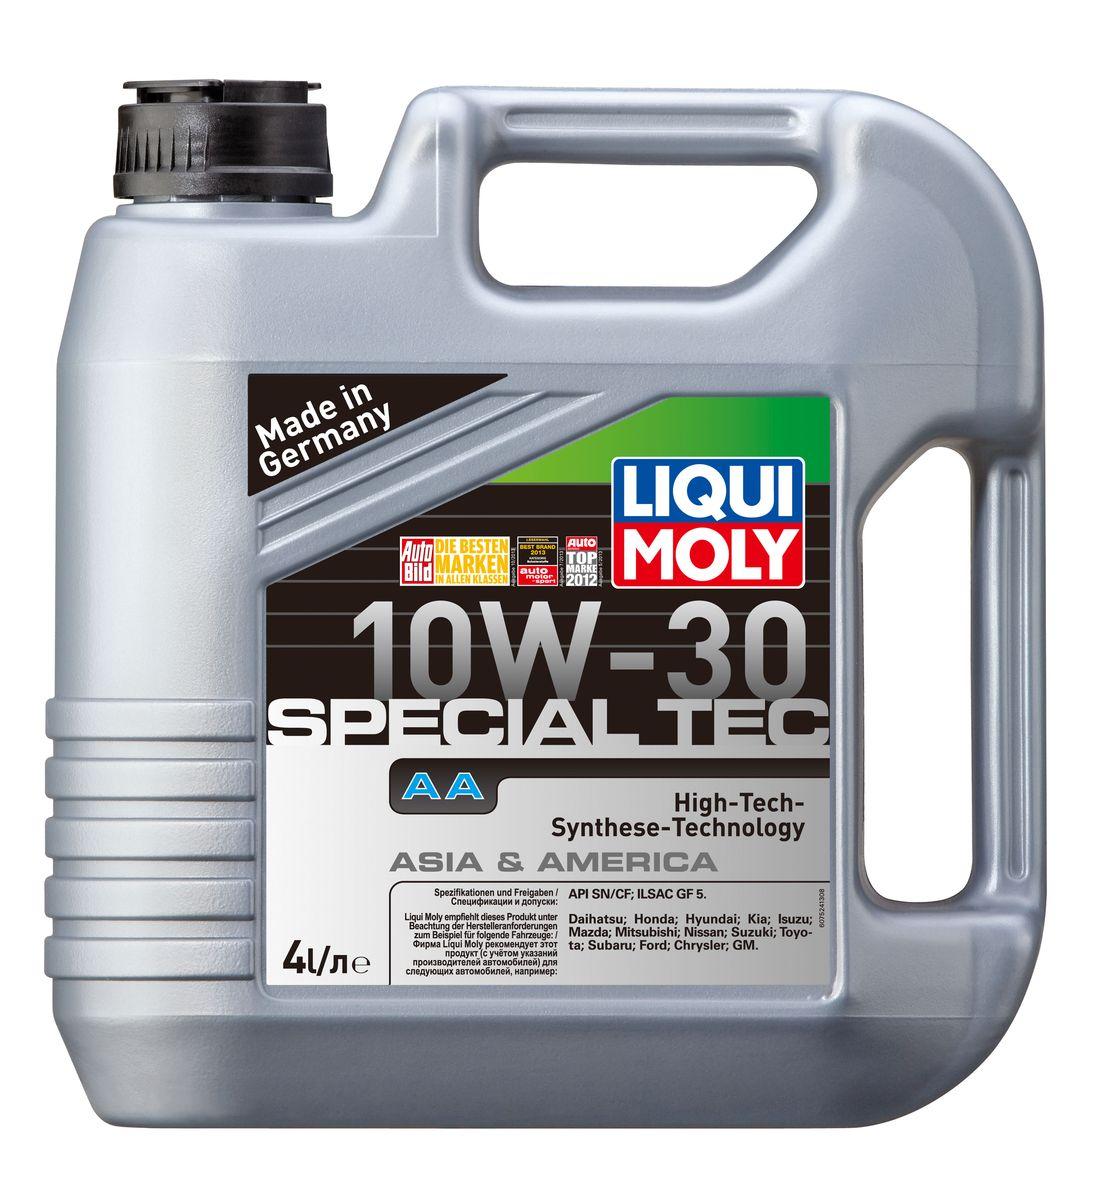 Масло моторное Liqui Moly Special Tec AA, НС-синтетическое, 10W-30, 4 л7524Масло моторное Liqui Moly Special Tec AA рекомендуется для автомобилей Honda, Mazda, Mitsubishi, Nissan, Daihatsu, Hyundai, Kia, Isuzu, Suzuki, Toyota, Subaru, Ford, Chrysler, GM. Современное HC-синтетическое энергосберегающее моторное масло специально предназначено для всесезонного использования в большинстве двигателей современных американских и азиатских бензиновых автомобилей. Также подходит для двигателей предыдущих поколений автомобилей. Базовые масла, полученные по технологии синтеза, и новейшие присадки составляют рецептуру моторного масла с отменной защитой от износа, снижающего расход топлива и масла, обеспечивающего чистоту двигателя. Особенности: - Высочайшие показатели топливной экономии - Сокращает эмиссию выхлопных газов - Отличная чистота двигателя - Совместимо с новейшими системами нейтрализации отработавших газов бензиновых двигателей - Высокая защита от износа и надежность смазывания - Очень низкие потери...